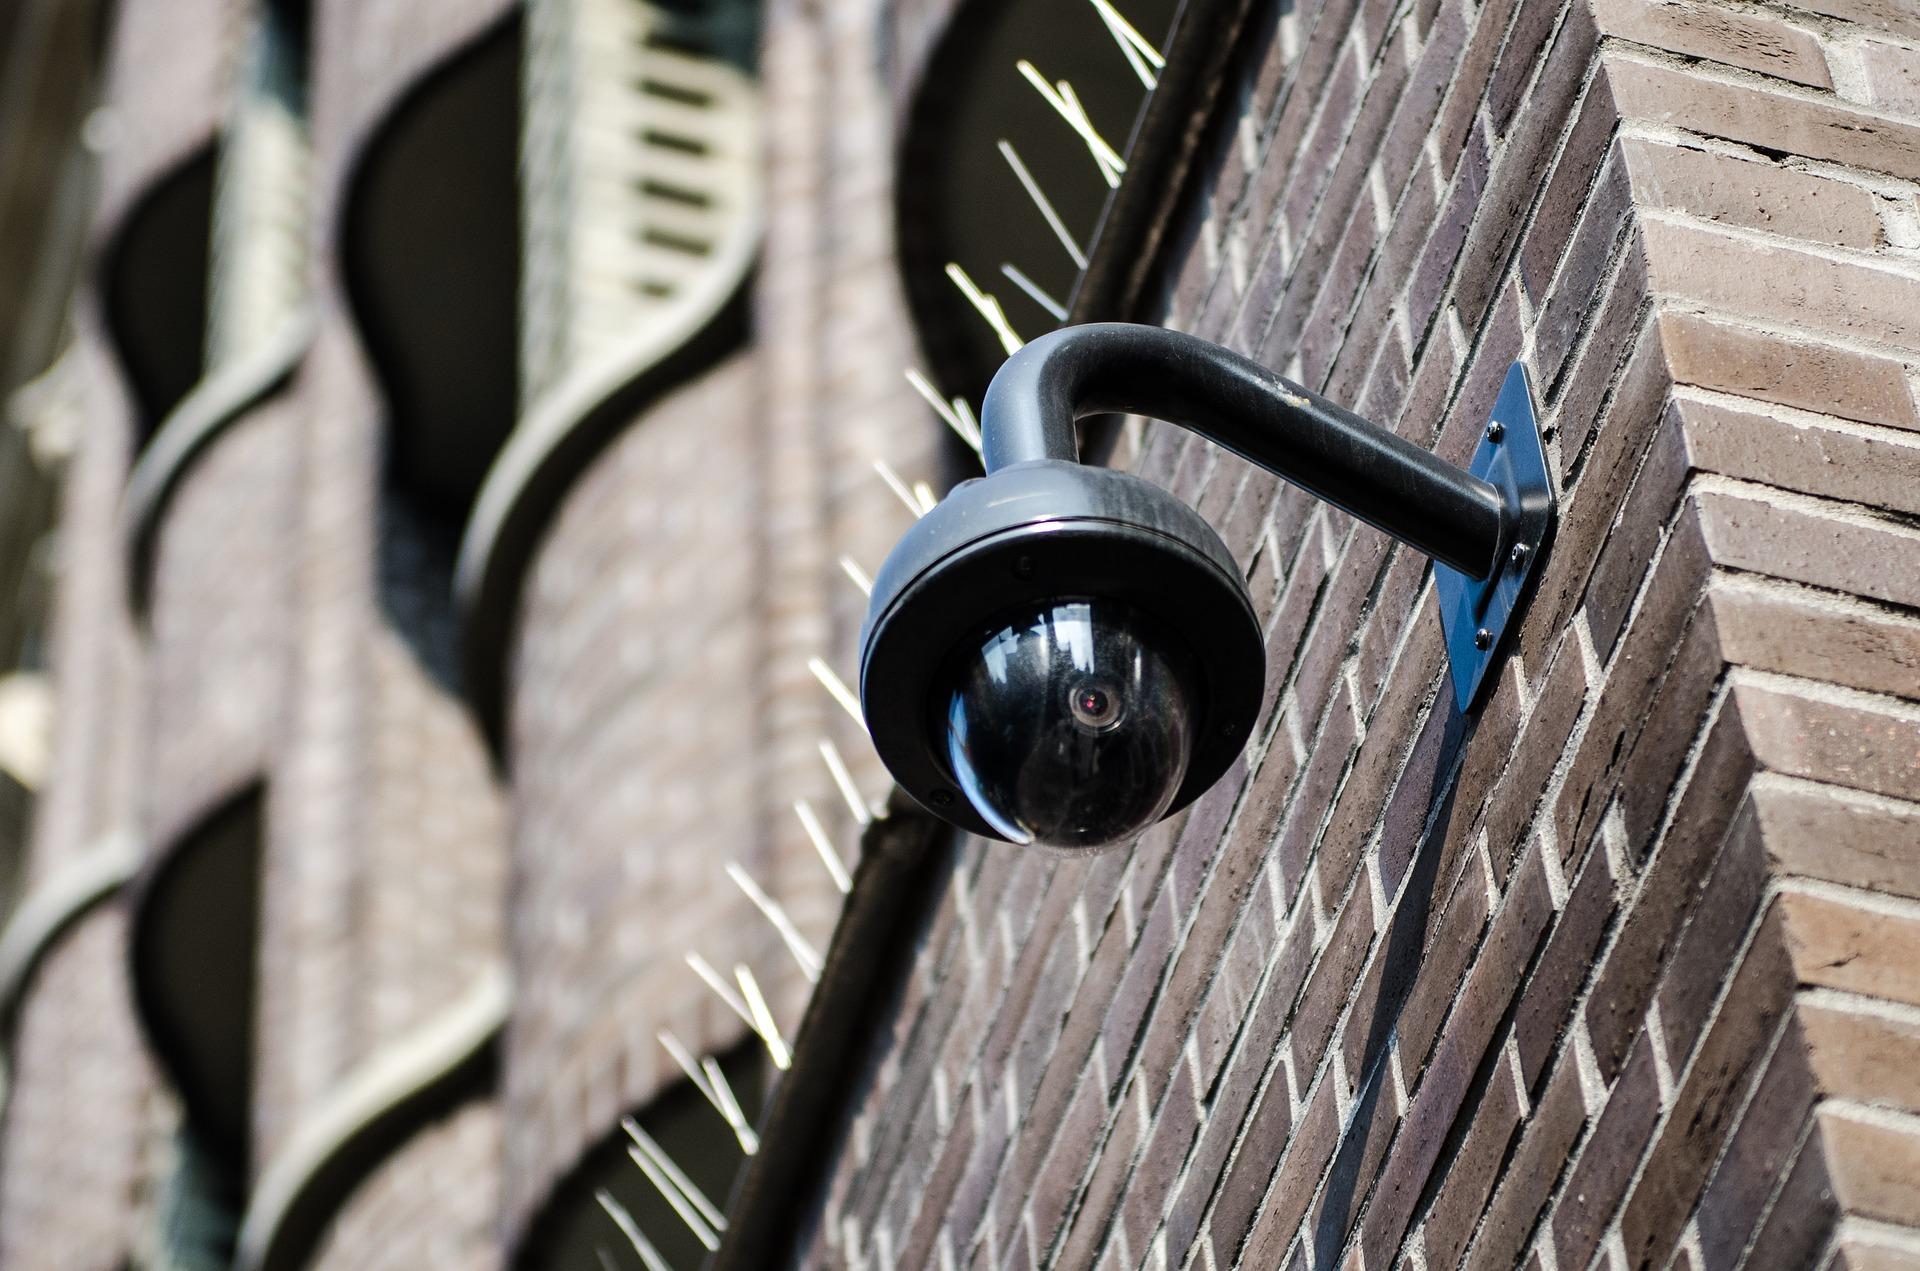 La-videosorveglianza-domotica-è-il-futuro-e-la-sicurezza-aumenta